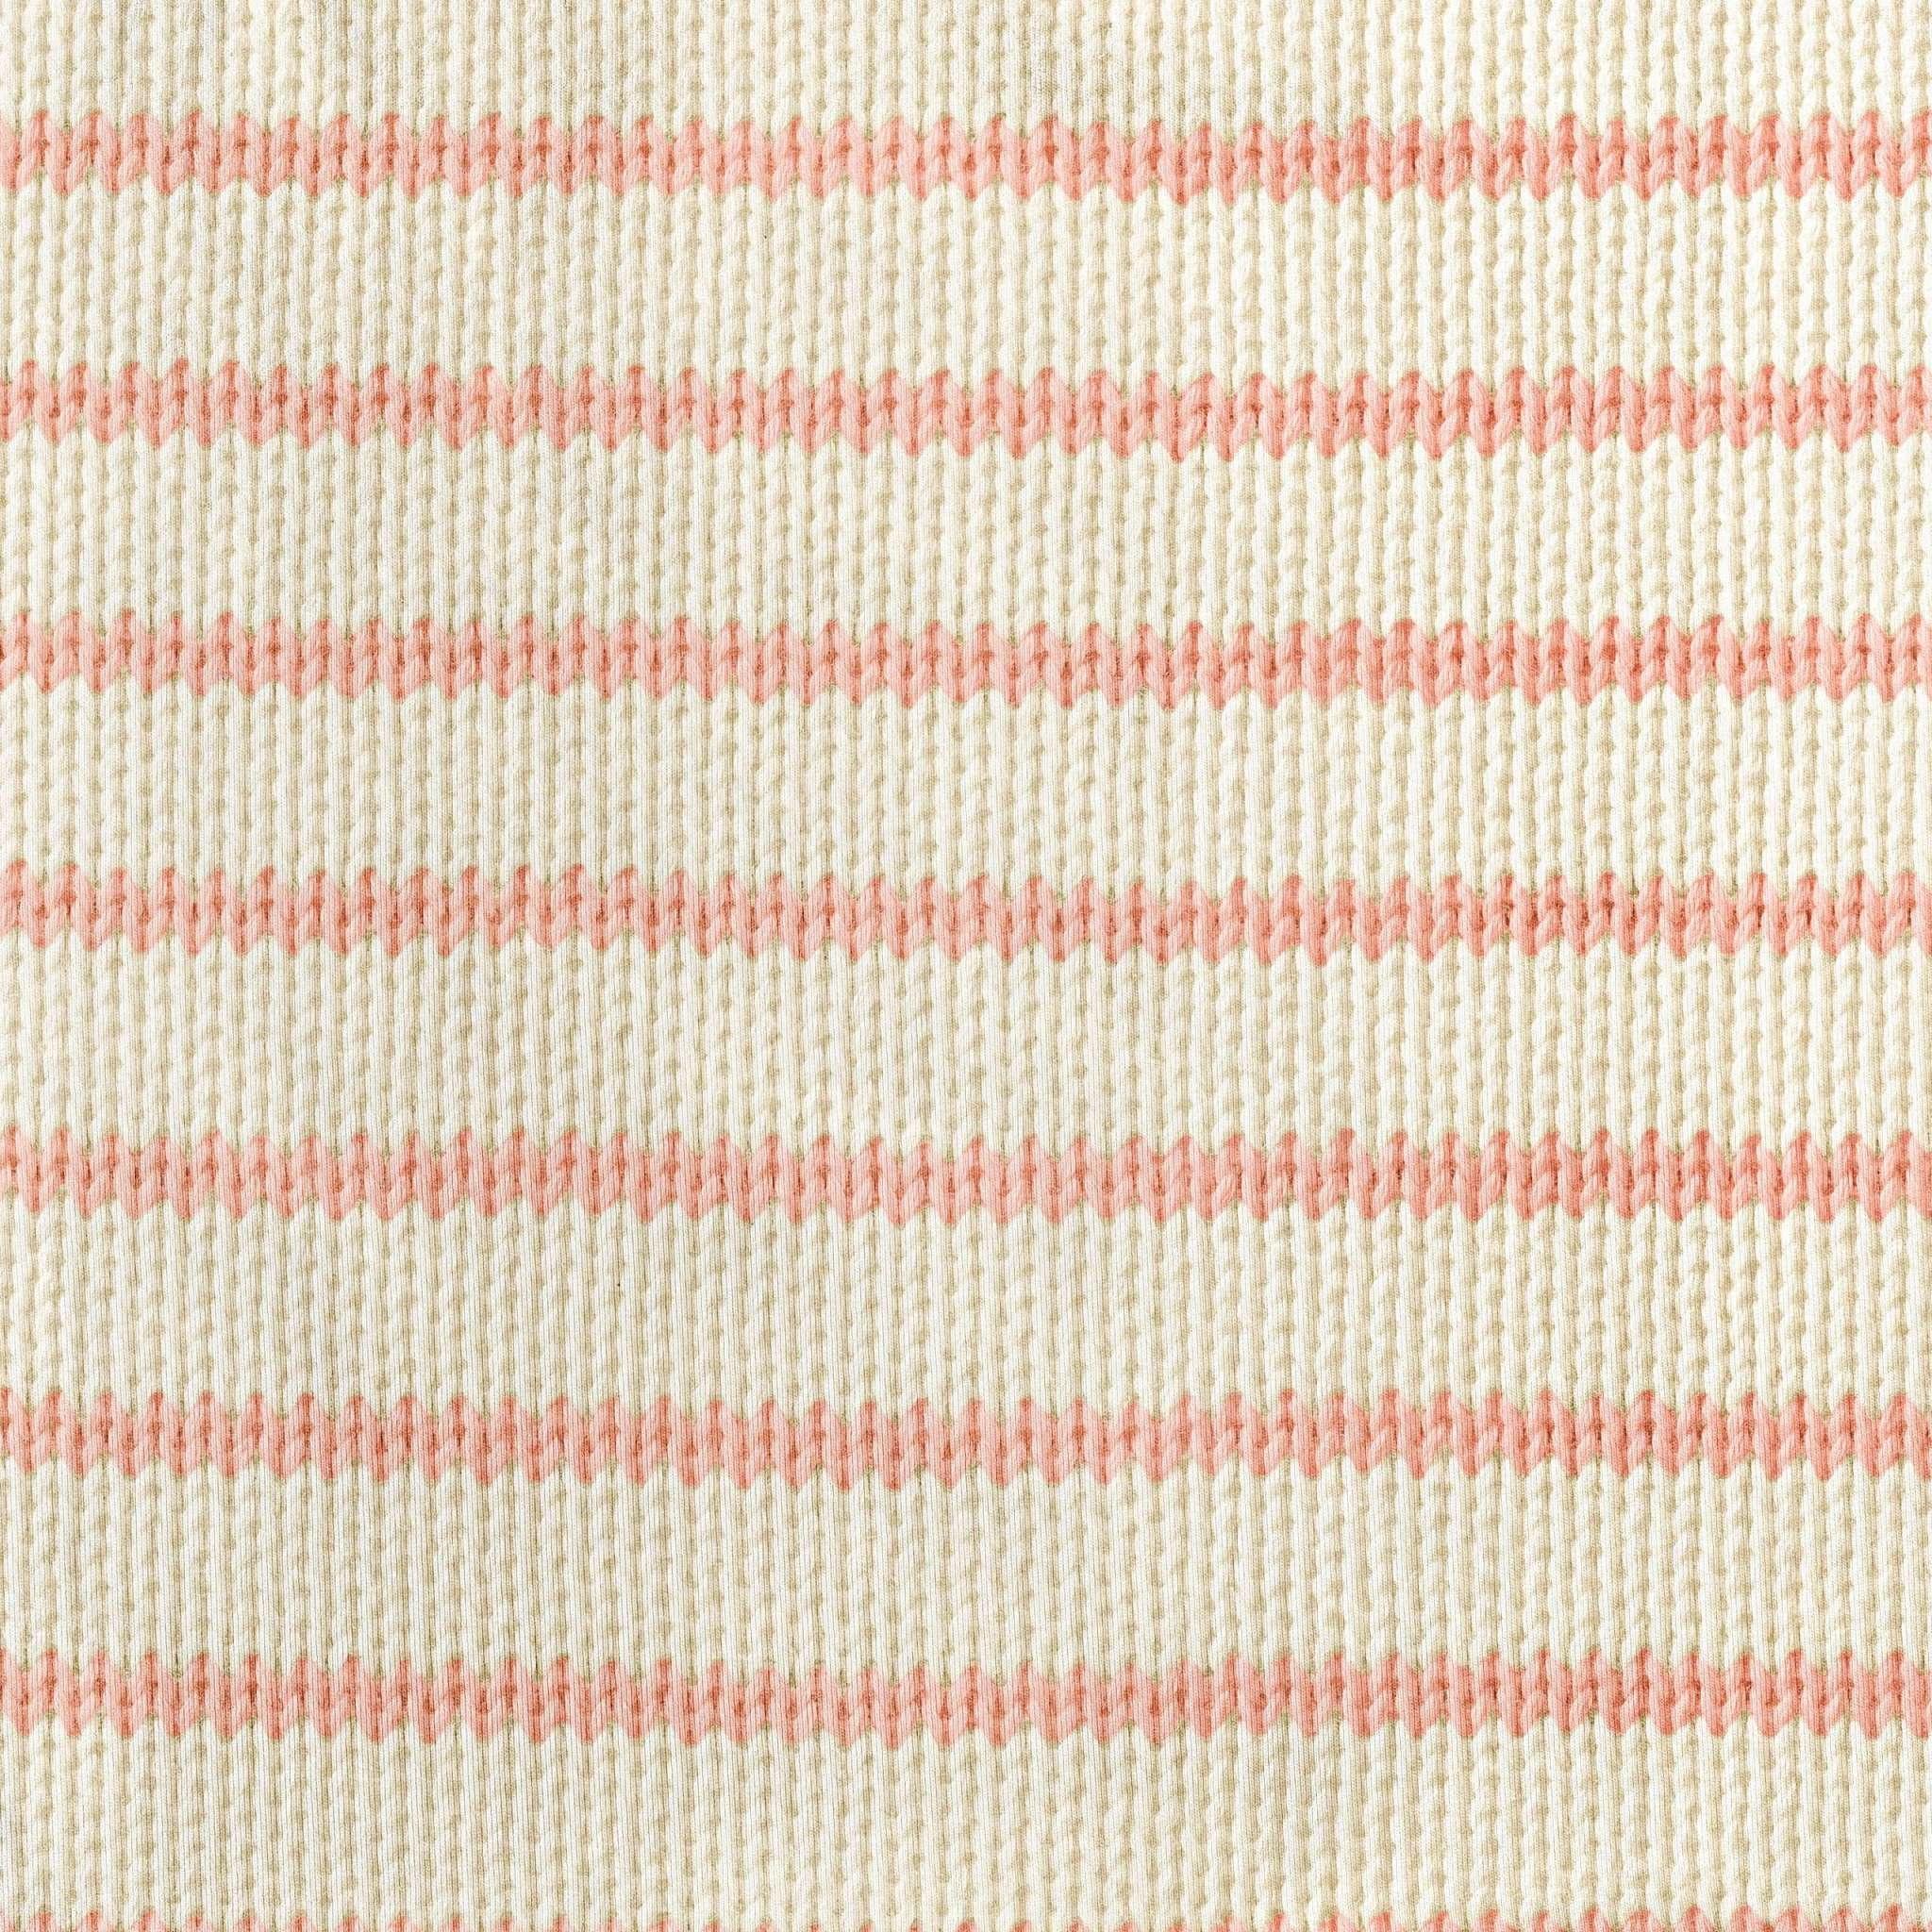 Snurk Snurk - Breton pink pants babies